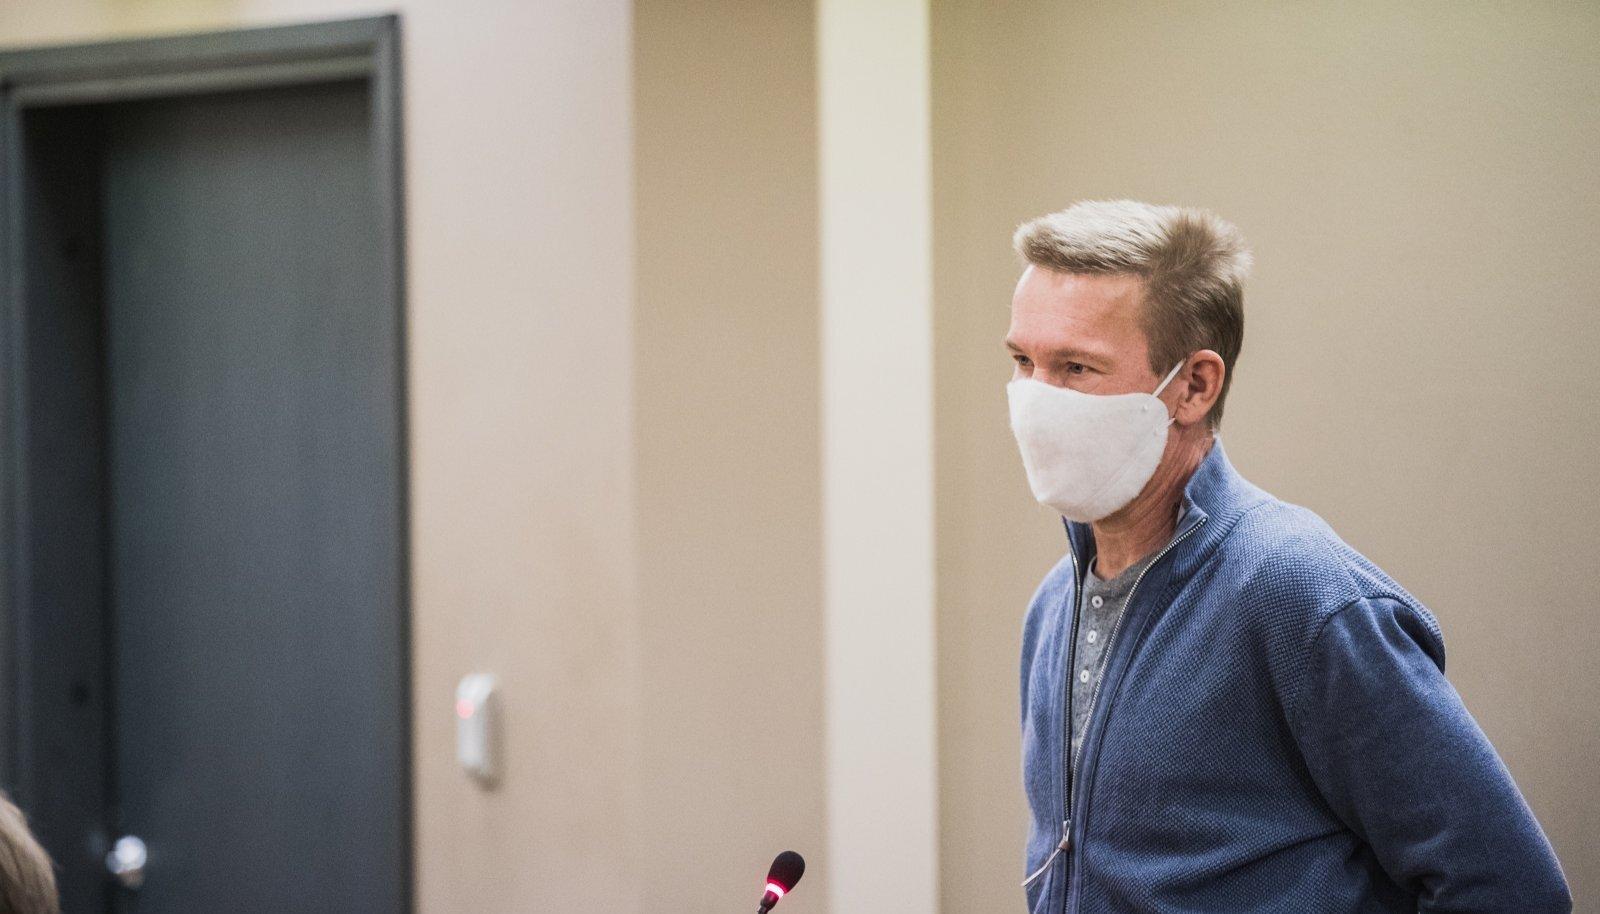 Marko Villemson 12. novembril Tartu maakohtus, kus talle määrati kolm aastat vangistust, millest reaalselt tuli kanda kuus kuud.